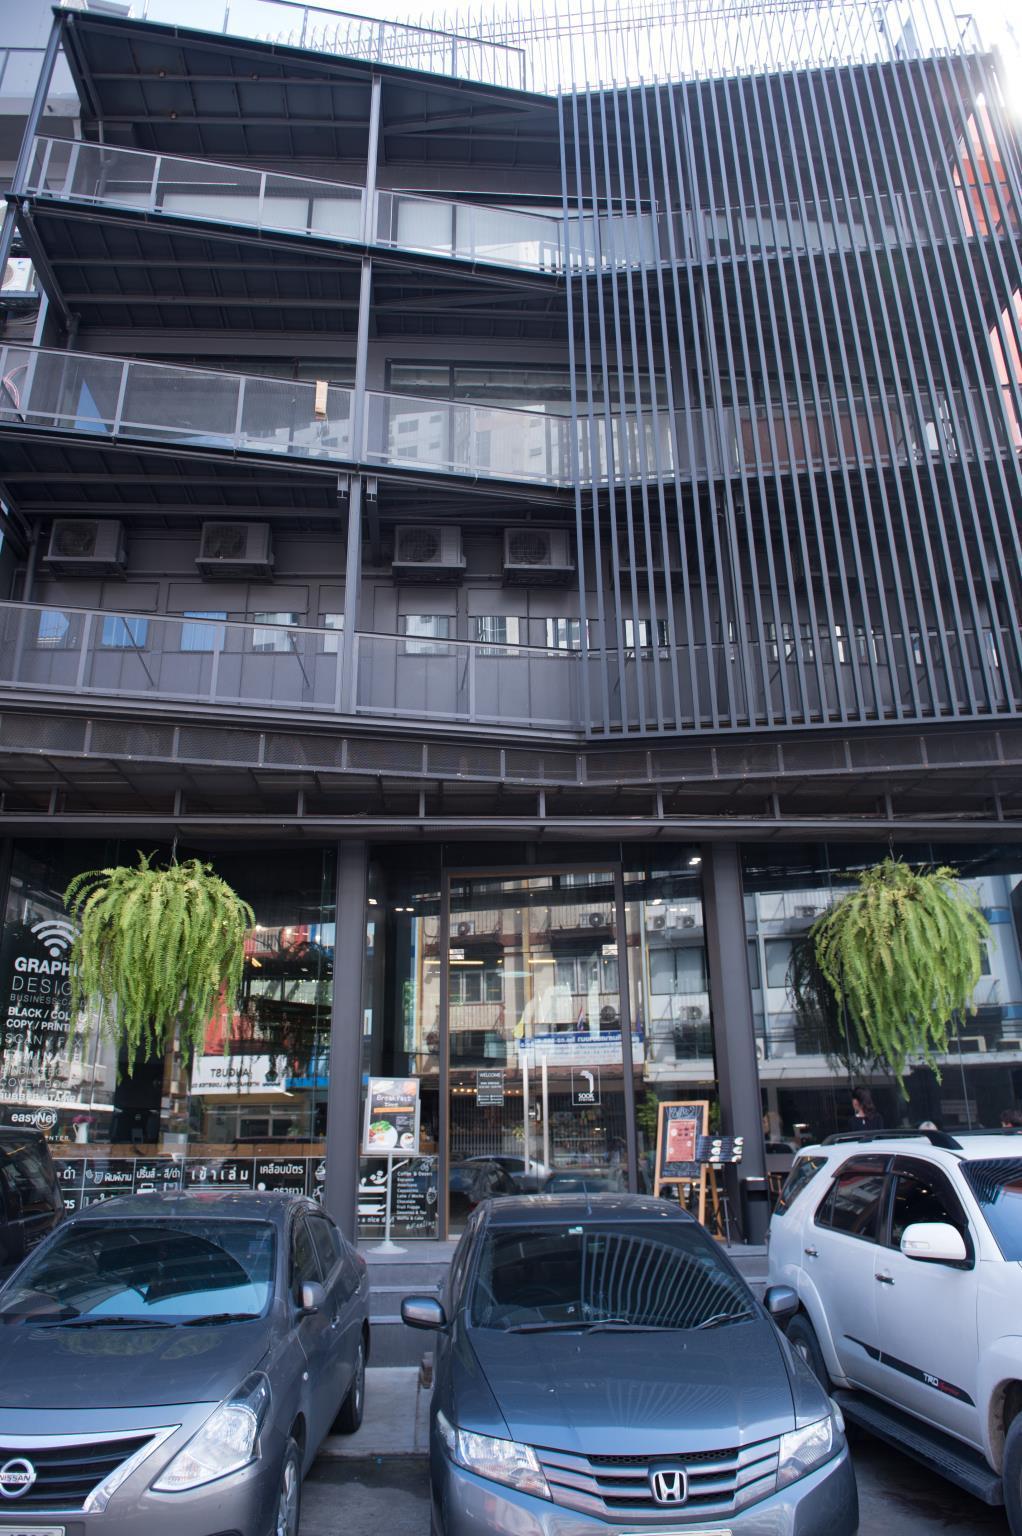 苏克站酒店 (sook station) - 监狱主题特色的酒店 泰国旅游 第1张